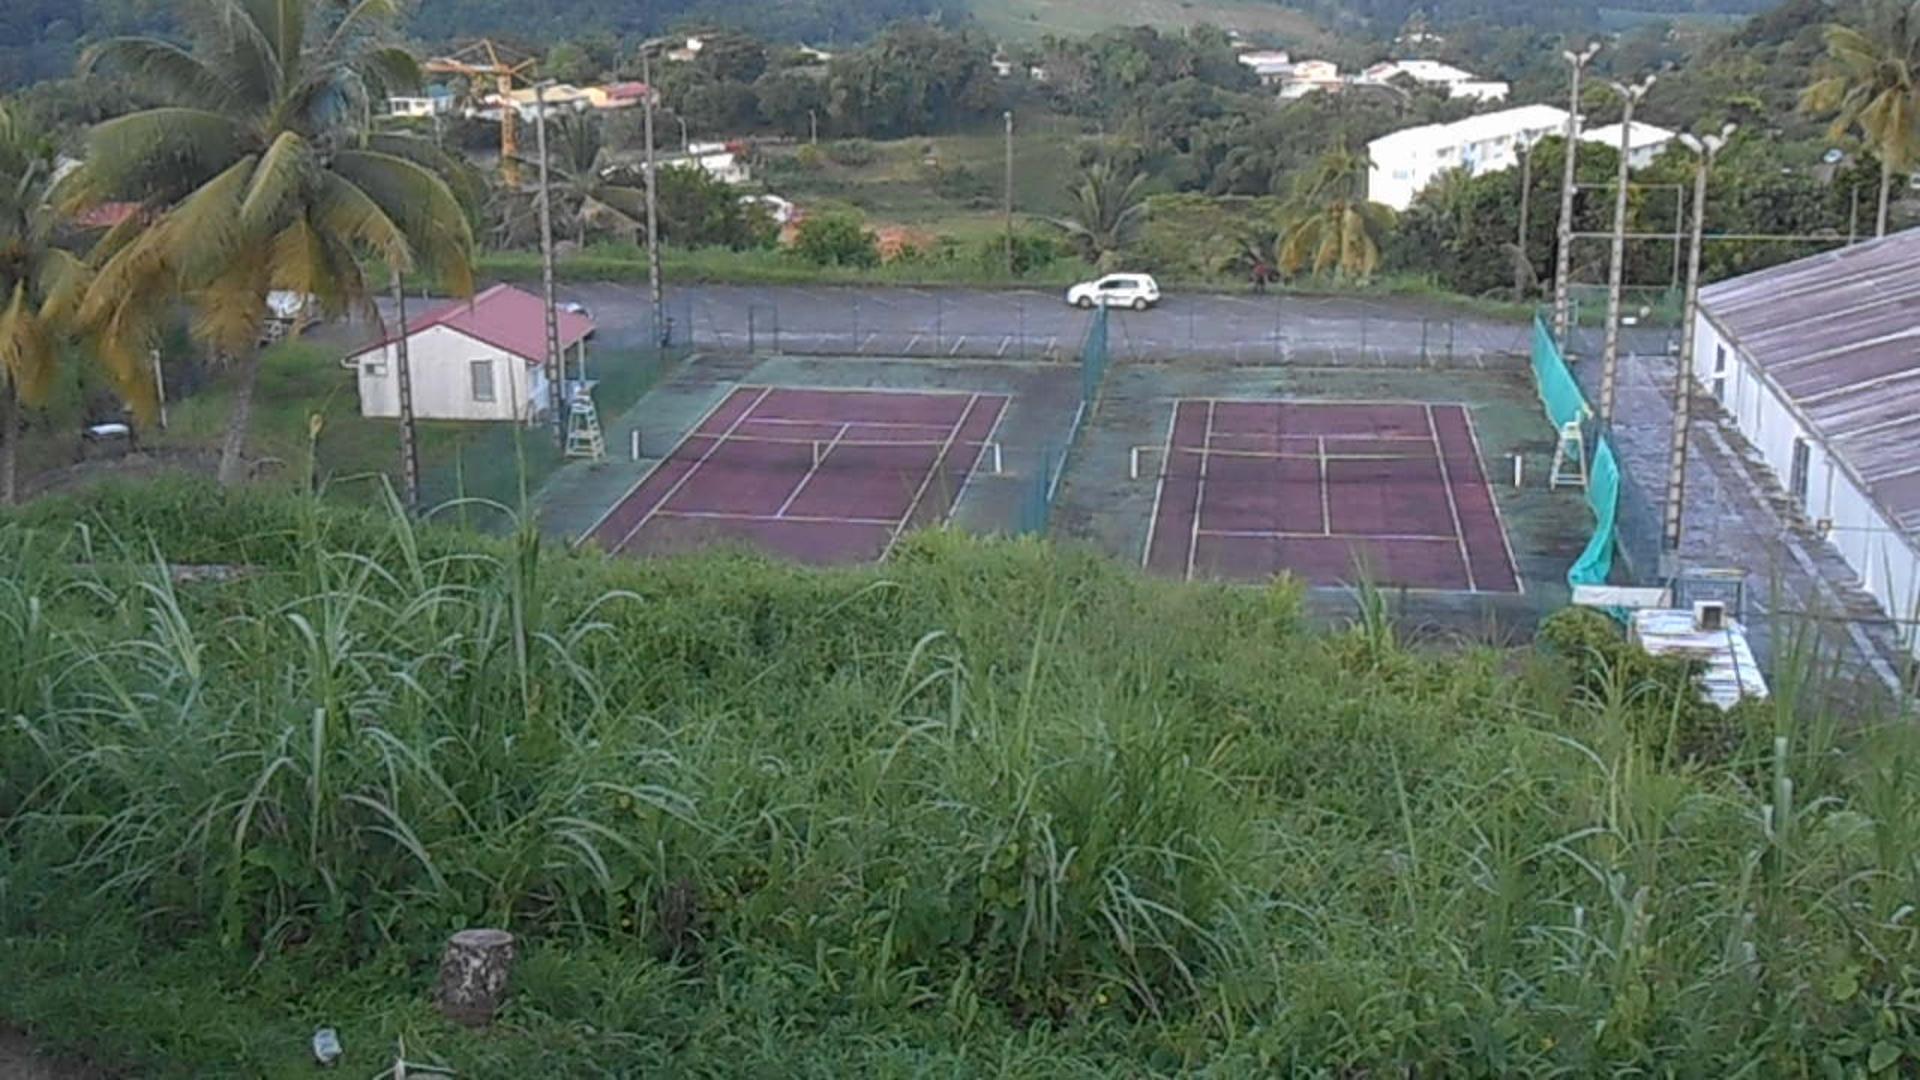 [Vidéo] Onews Martinique. Rencontre avec Philippe MAGRI Président du Tennis Club 2 du Gros Morne